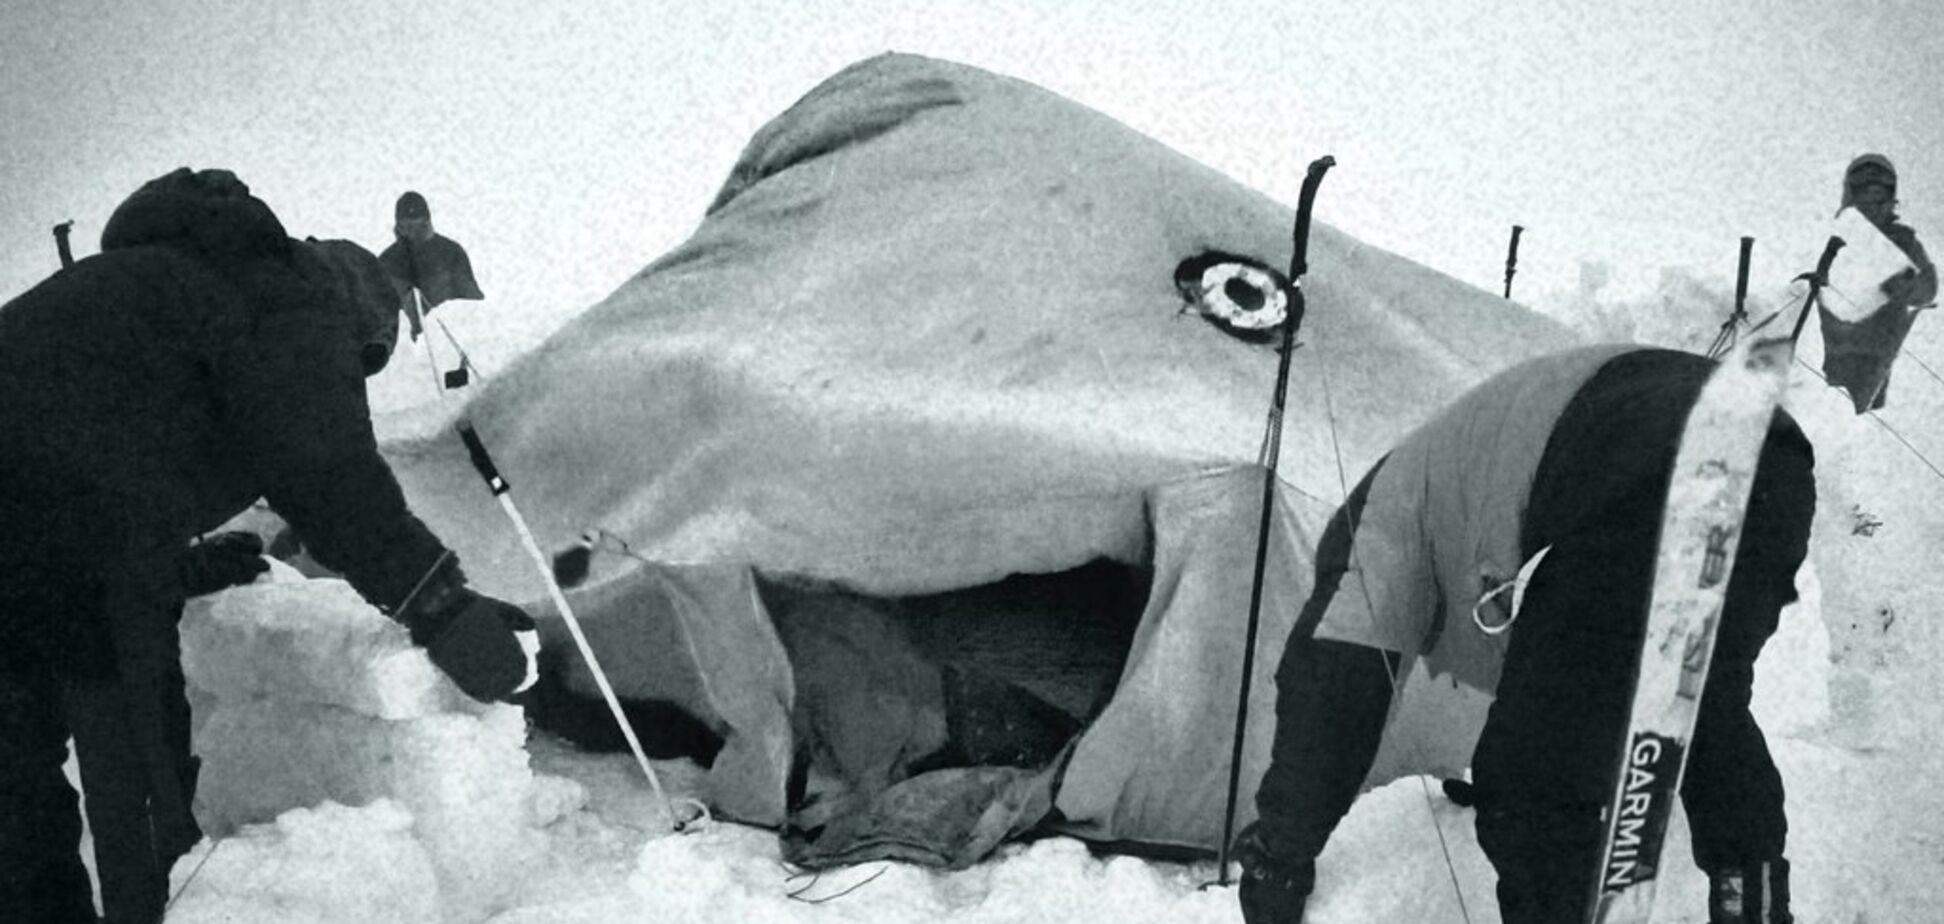 'Выбежали голыми': раскрылись сенсационные данные о перевале Дятлова